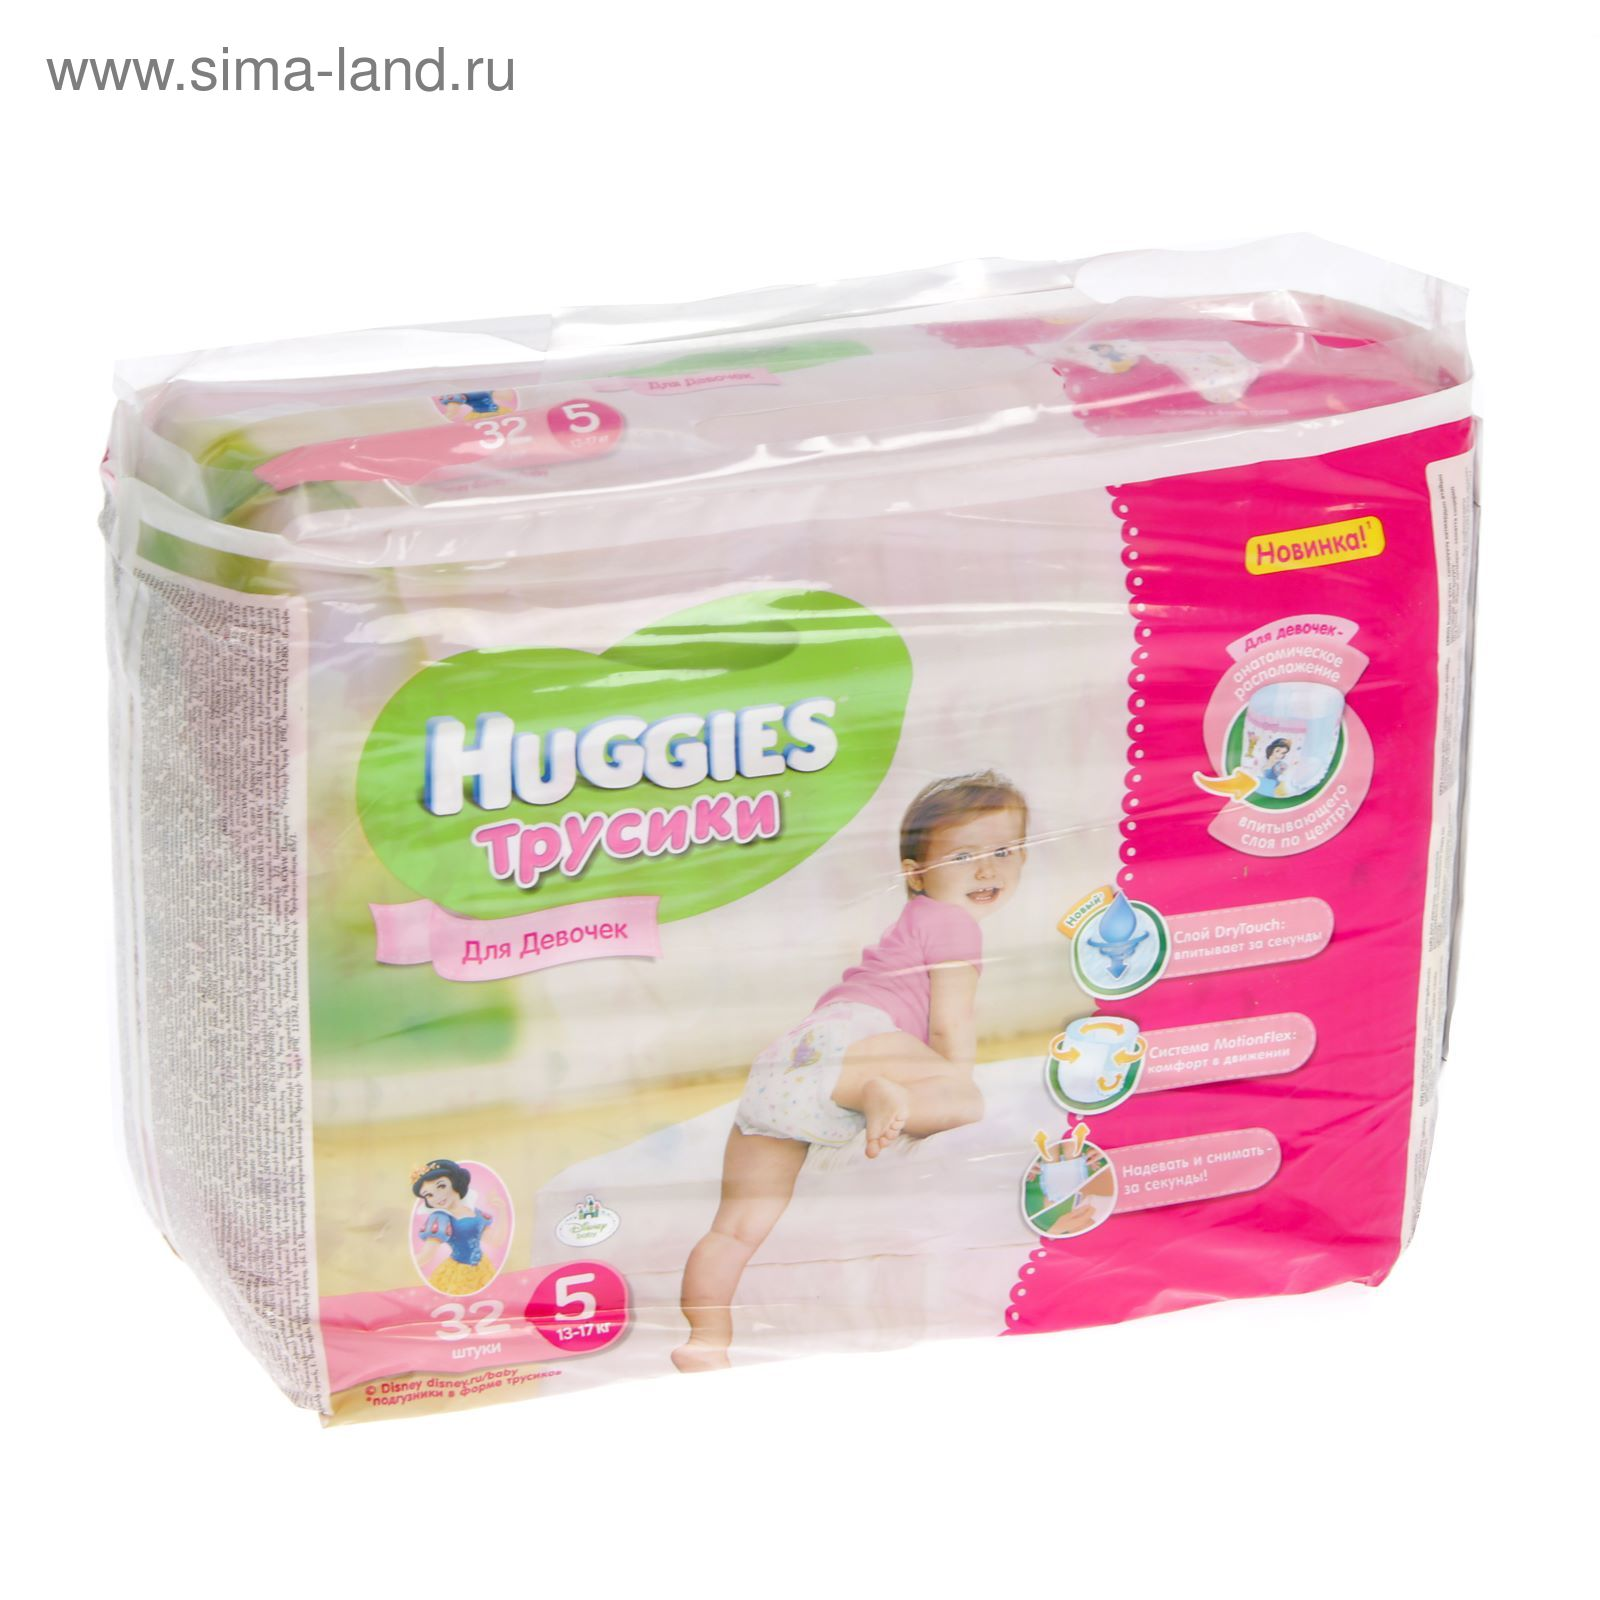 Трусики-подгузники для девочек Huggies Little Walkers, размер 5 (13-17 кг 6d2922ea7c3